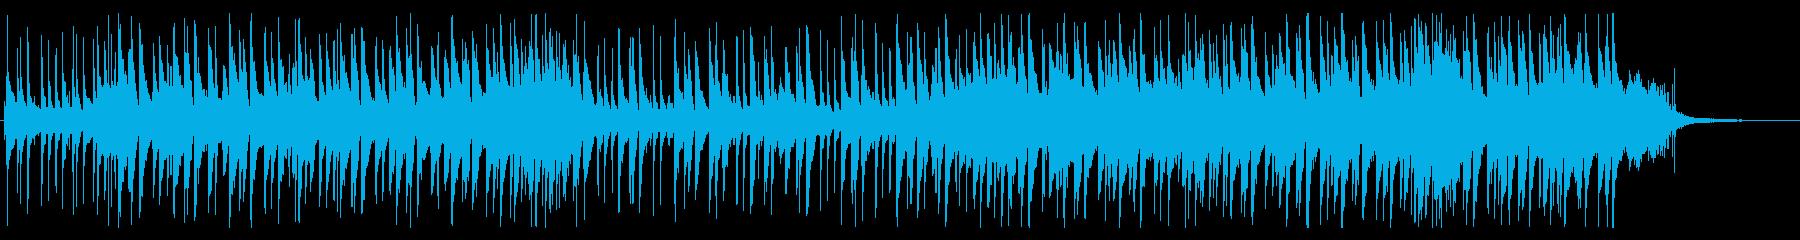 ピアノトリオの現代的なロックバラードの再生済みの波形